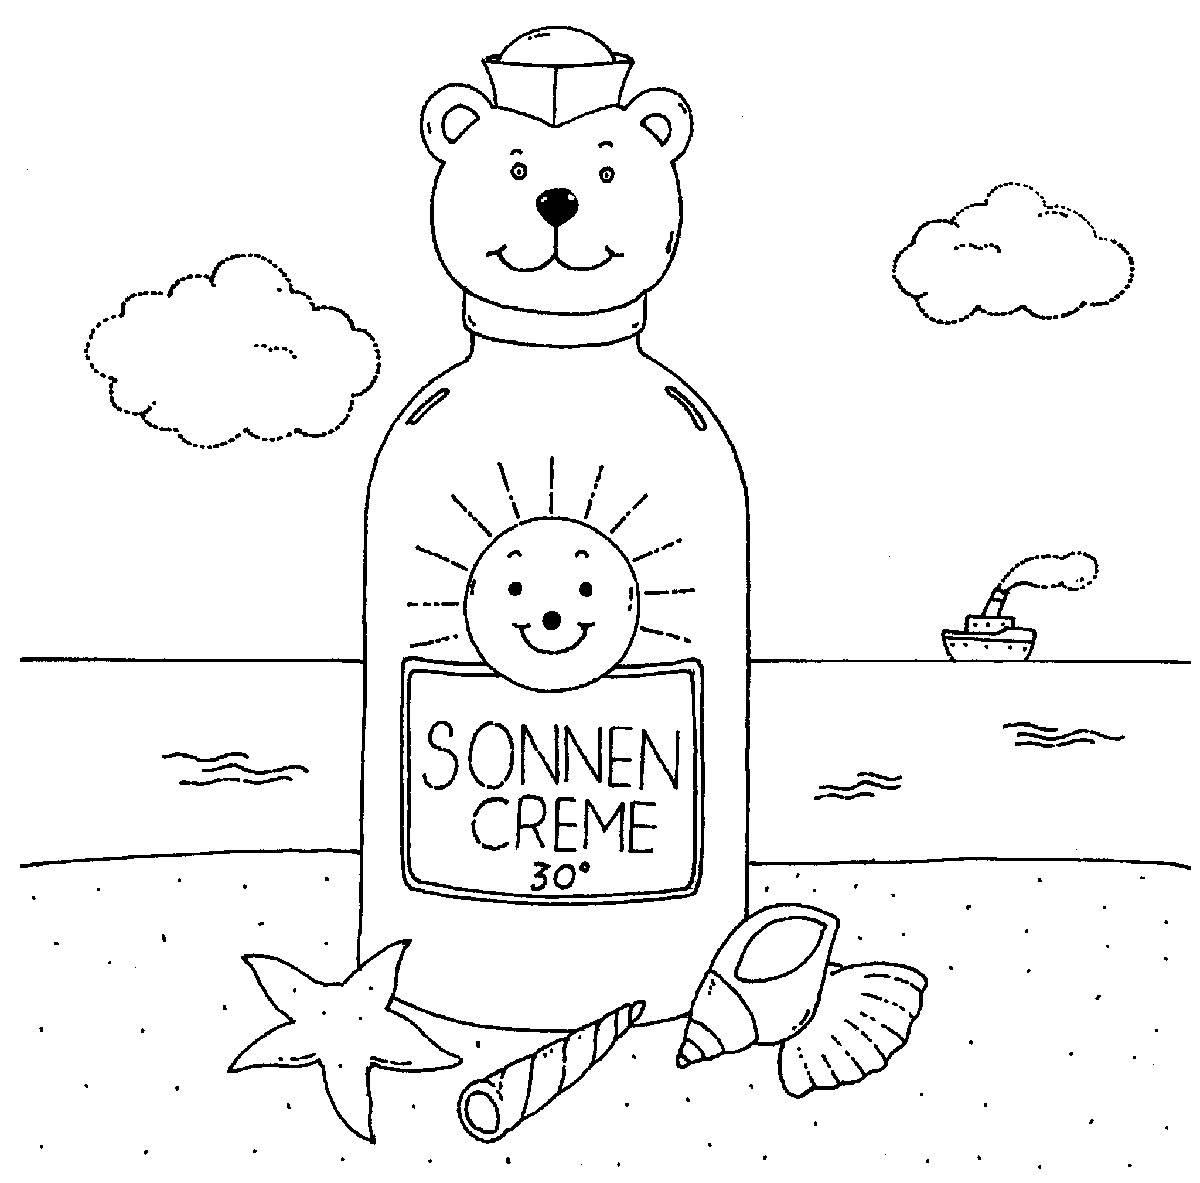 Kostenlose Malvorlage Sommer: Sonnencreme am Strand zum Ausmalen